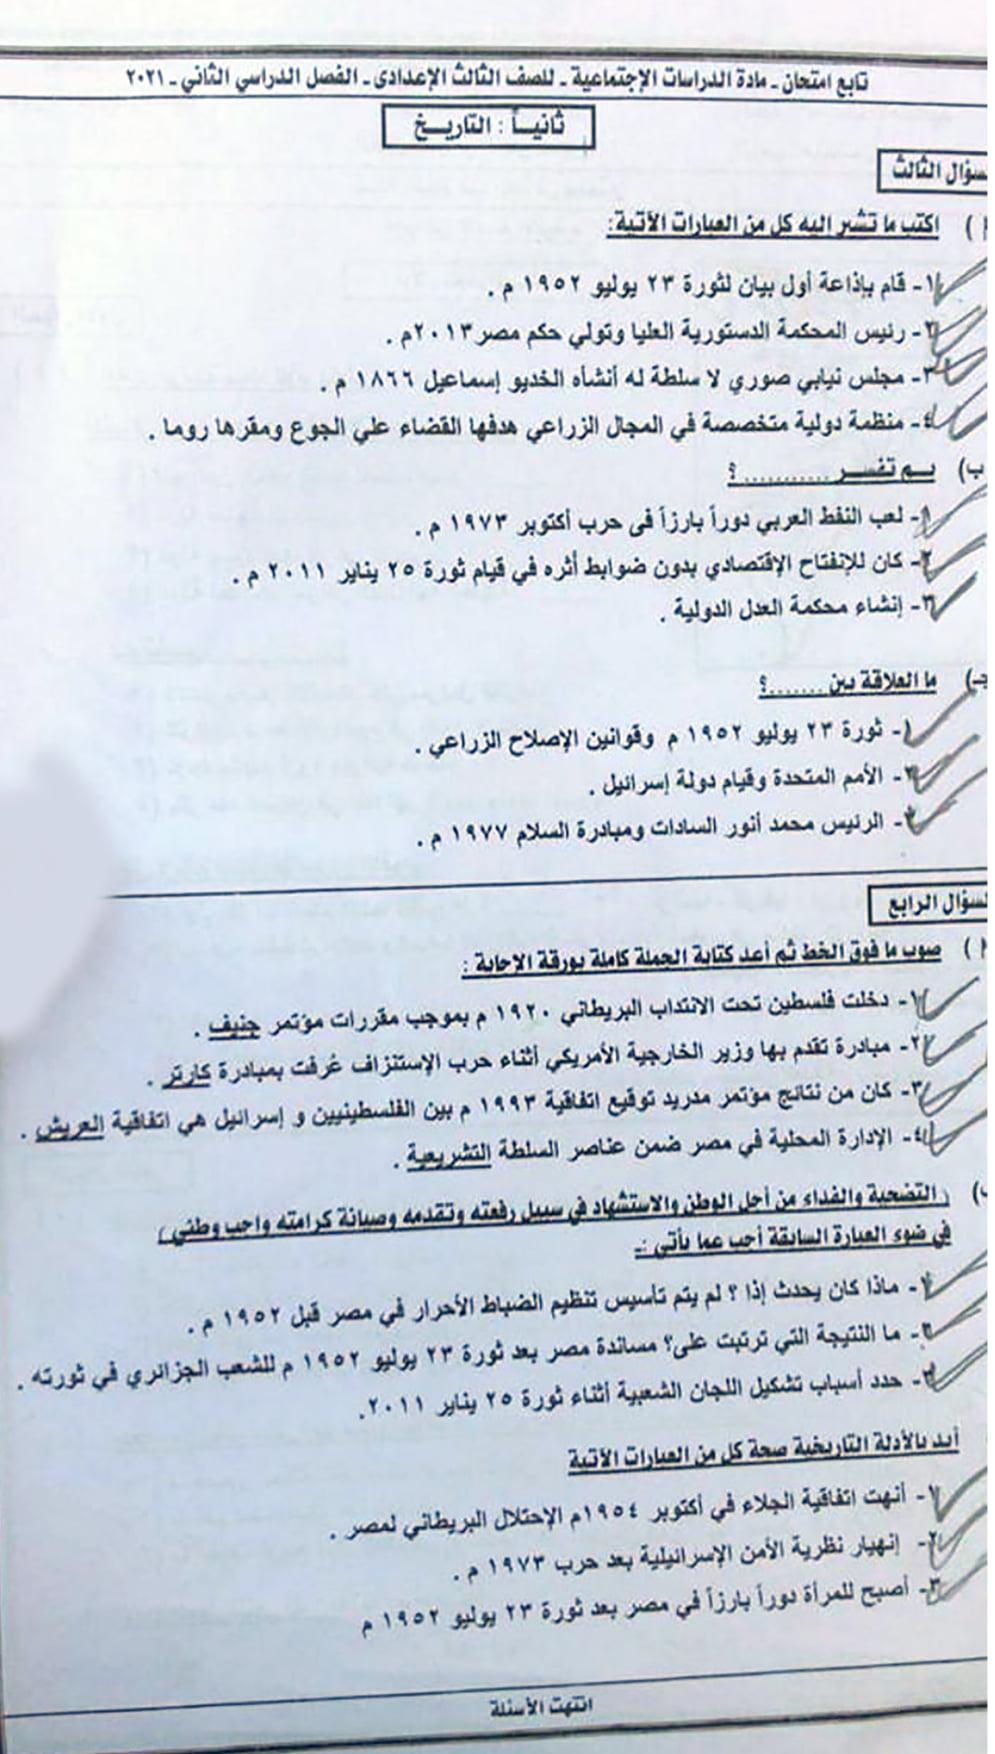 إجابة امتحان الدراسات للشهادة الإعدادية ترم ثاني ٢٠٢١ محافظة دمياط 22588